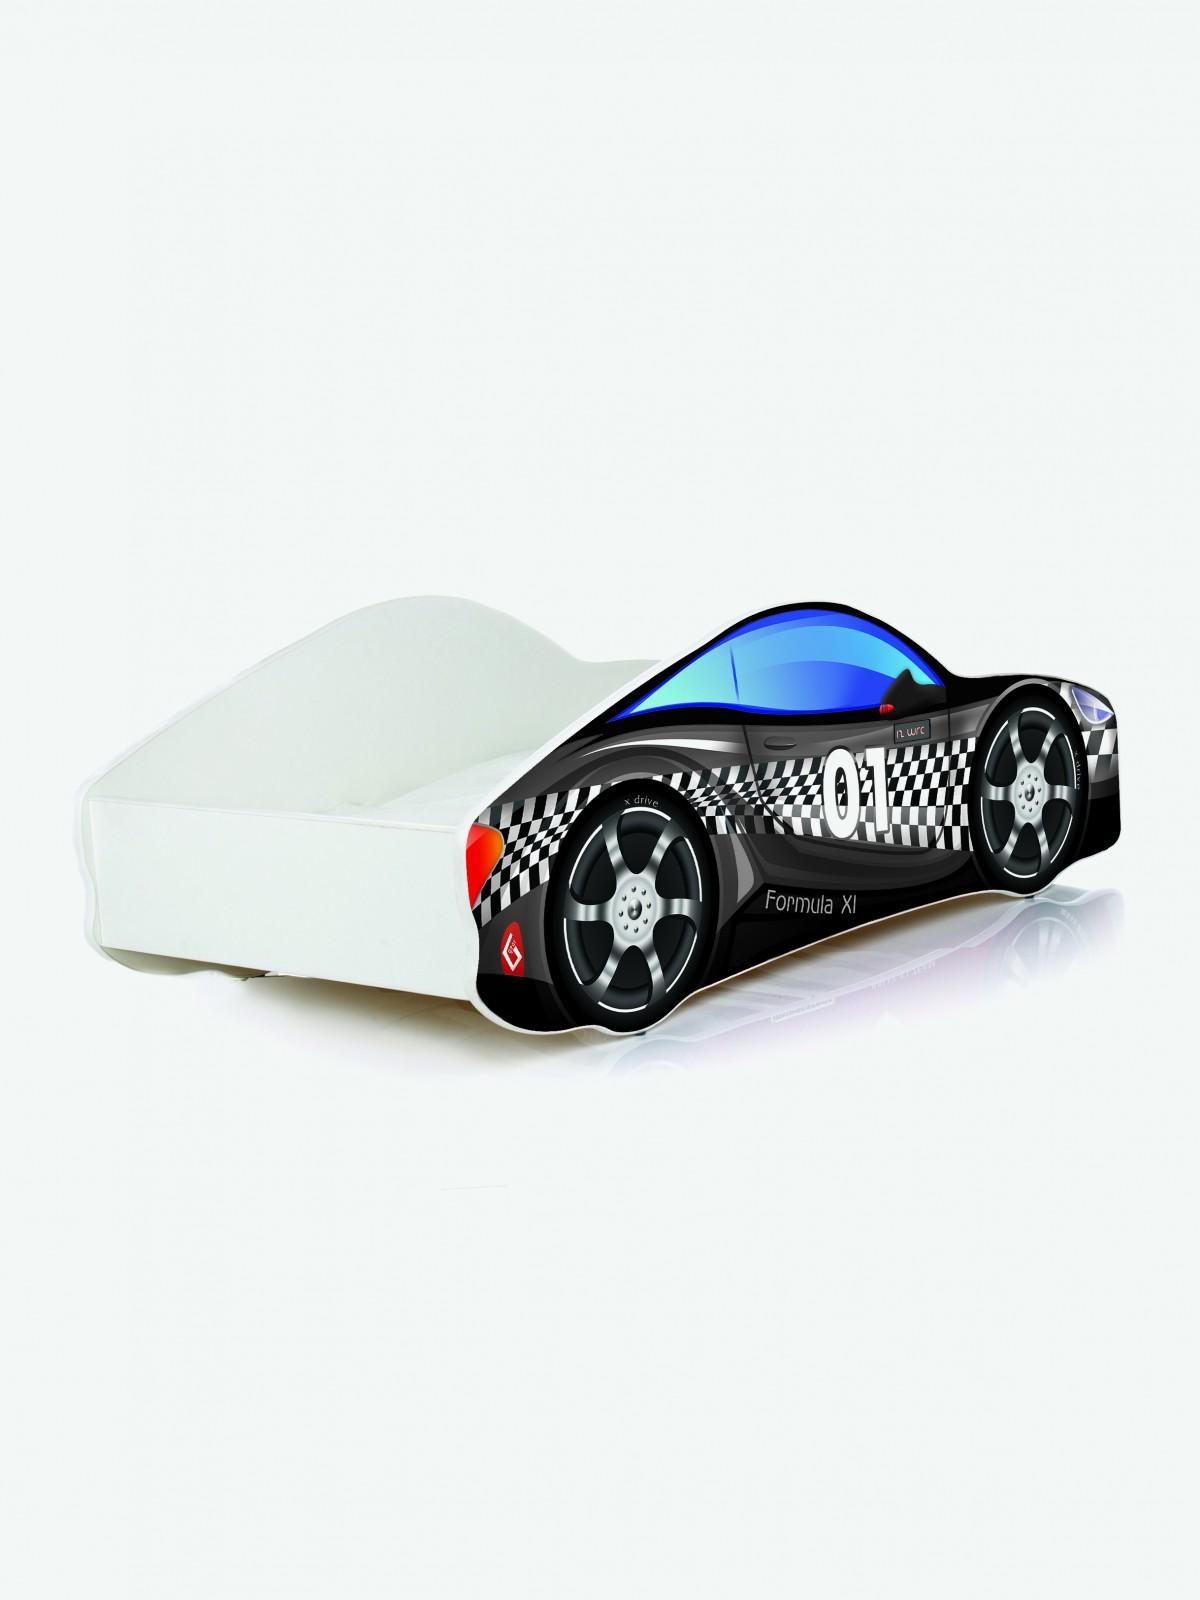 auto kinderbett nobiko mit matratze und lattenrost muster schwarz mit weisser beschriftung 12. Black Bedroom Furniture Sets. Home Design Ideas